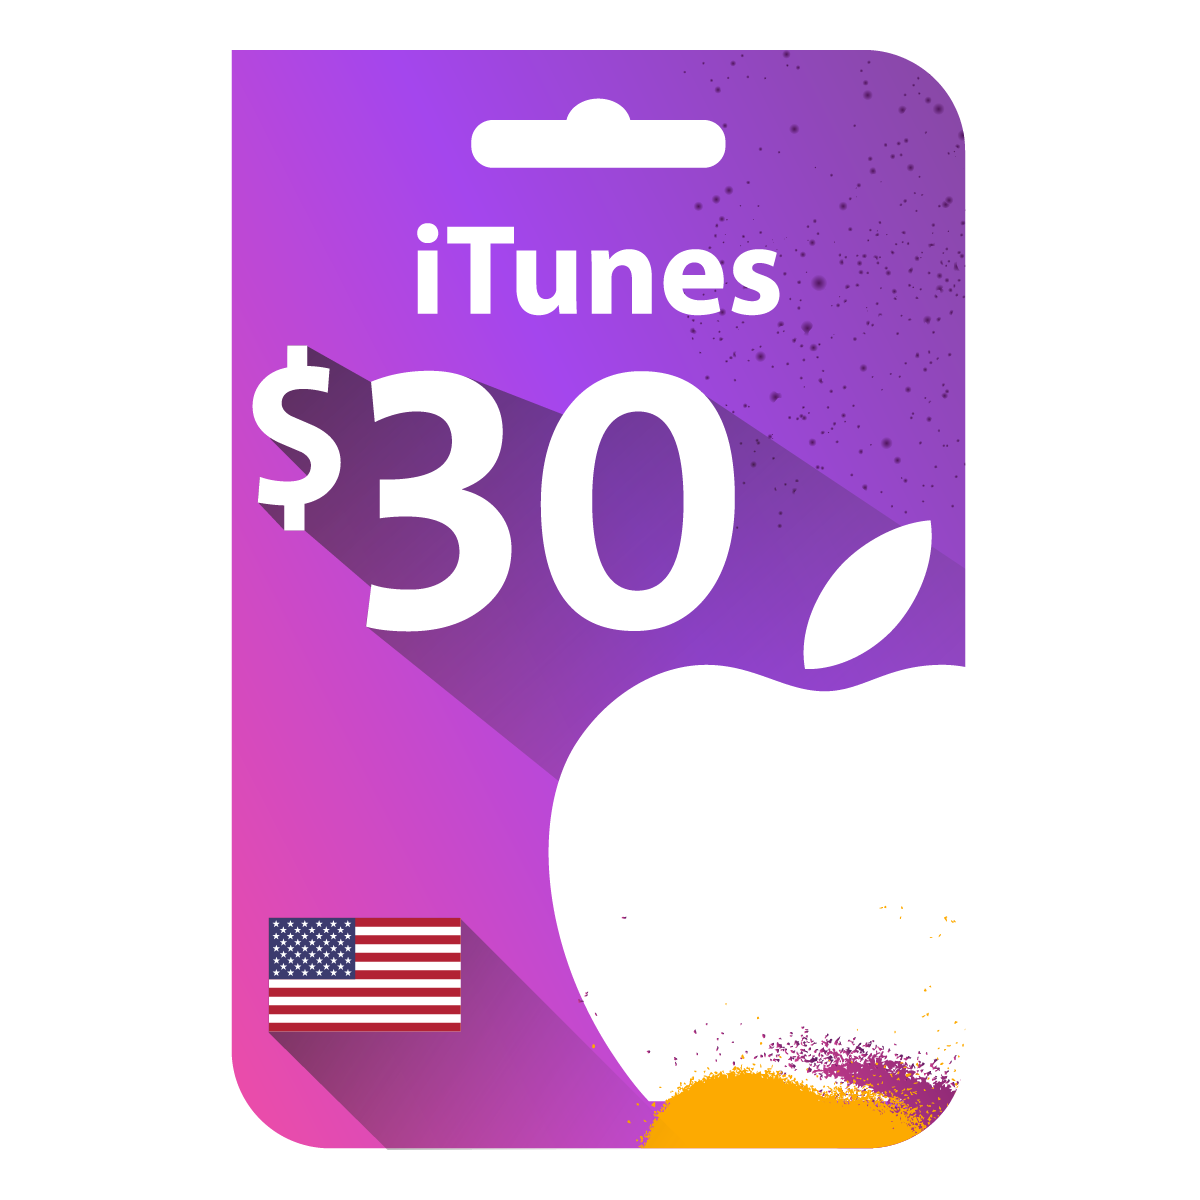 بطاقة ايتونز 30 دولار المتجر الأمريكي Itunes Gift Cards Itunes 100 Itunes